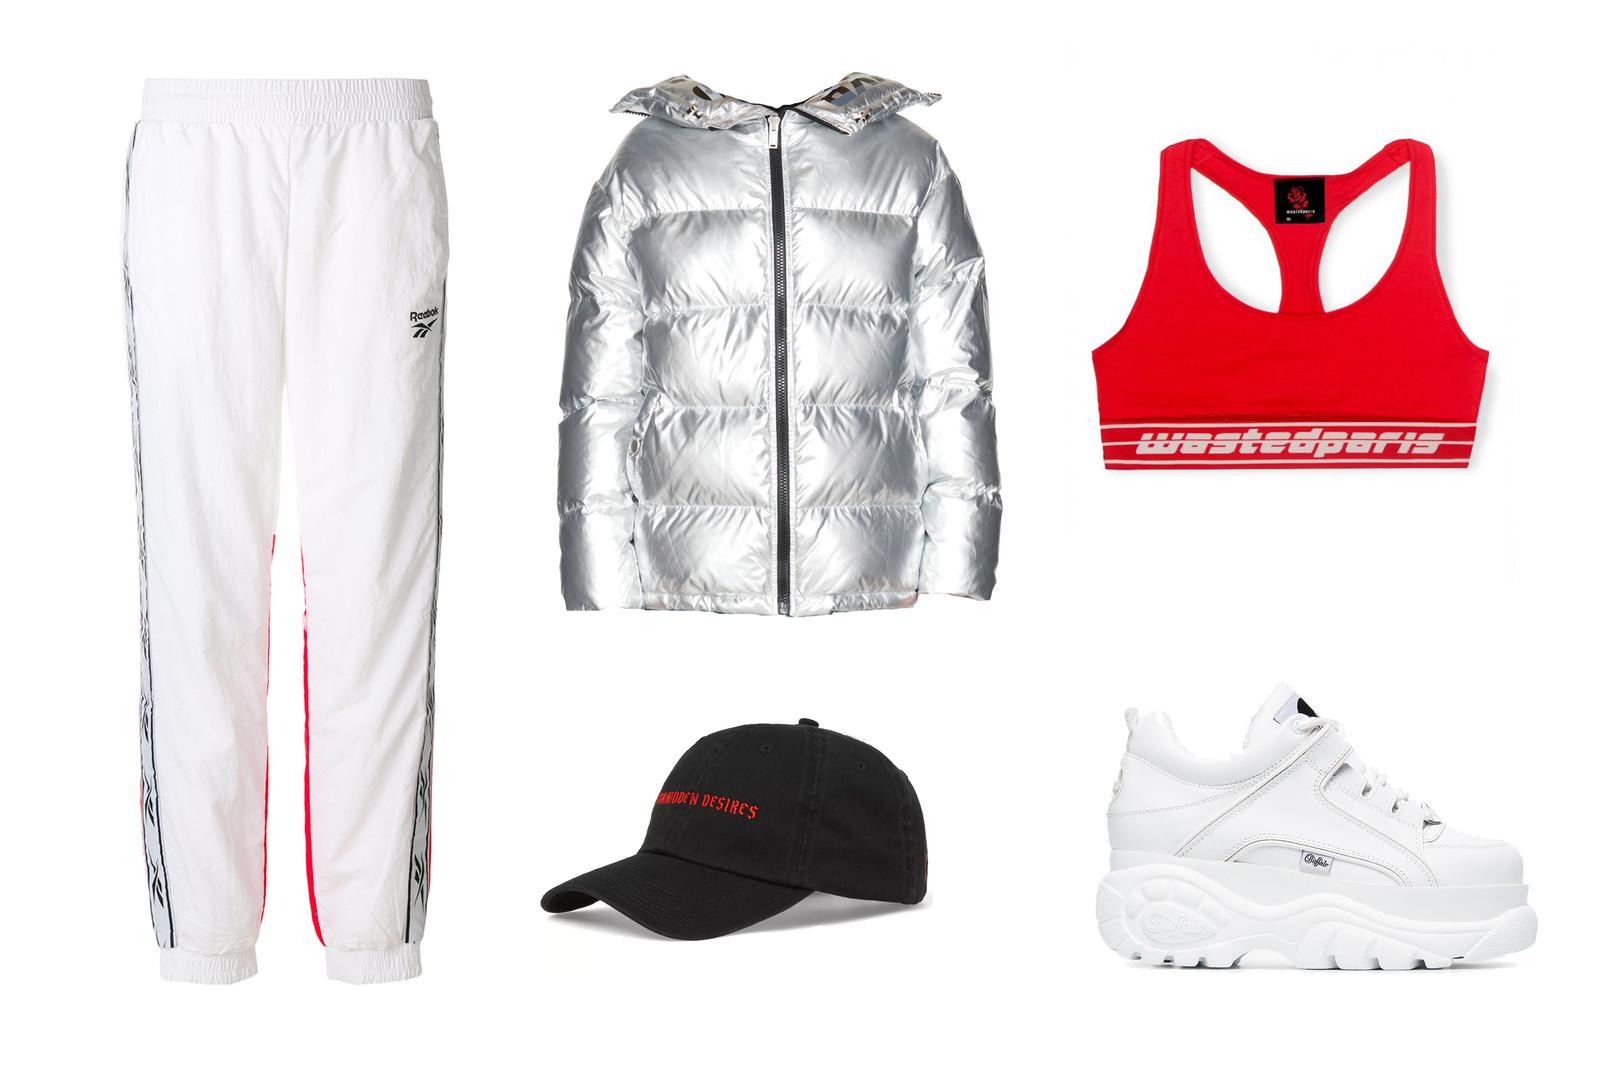 white-joggers-pants-grayl-jacket-coat-puffer-metallic-silver-red-bralette-sportsbra-hat-cap-white-shoe-sneakers-fall-winter-weekend.jpg